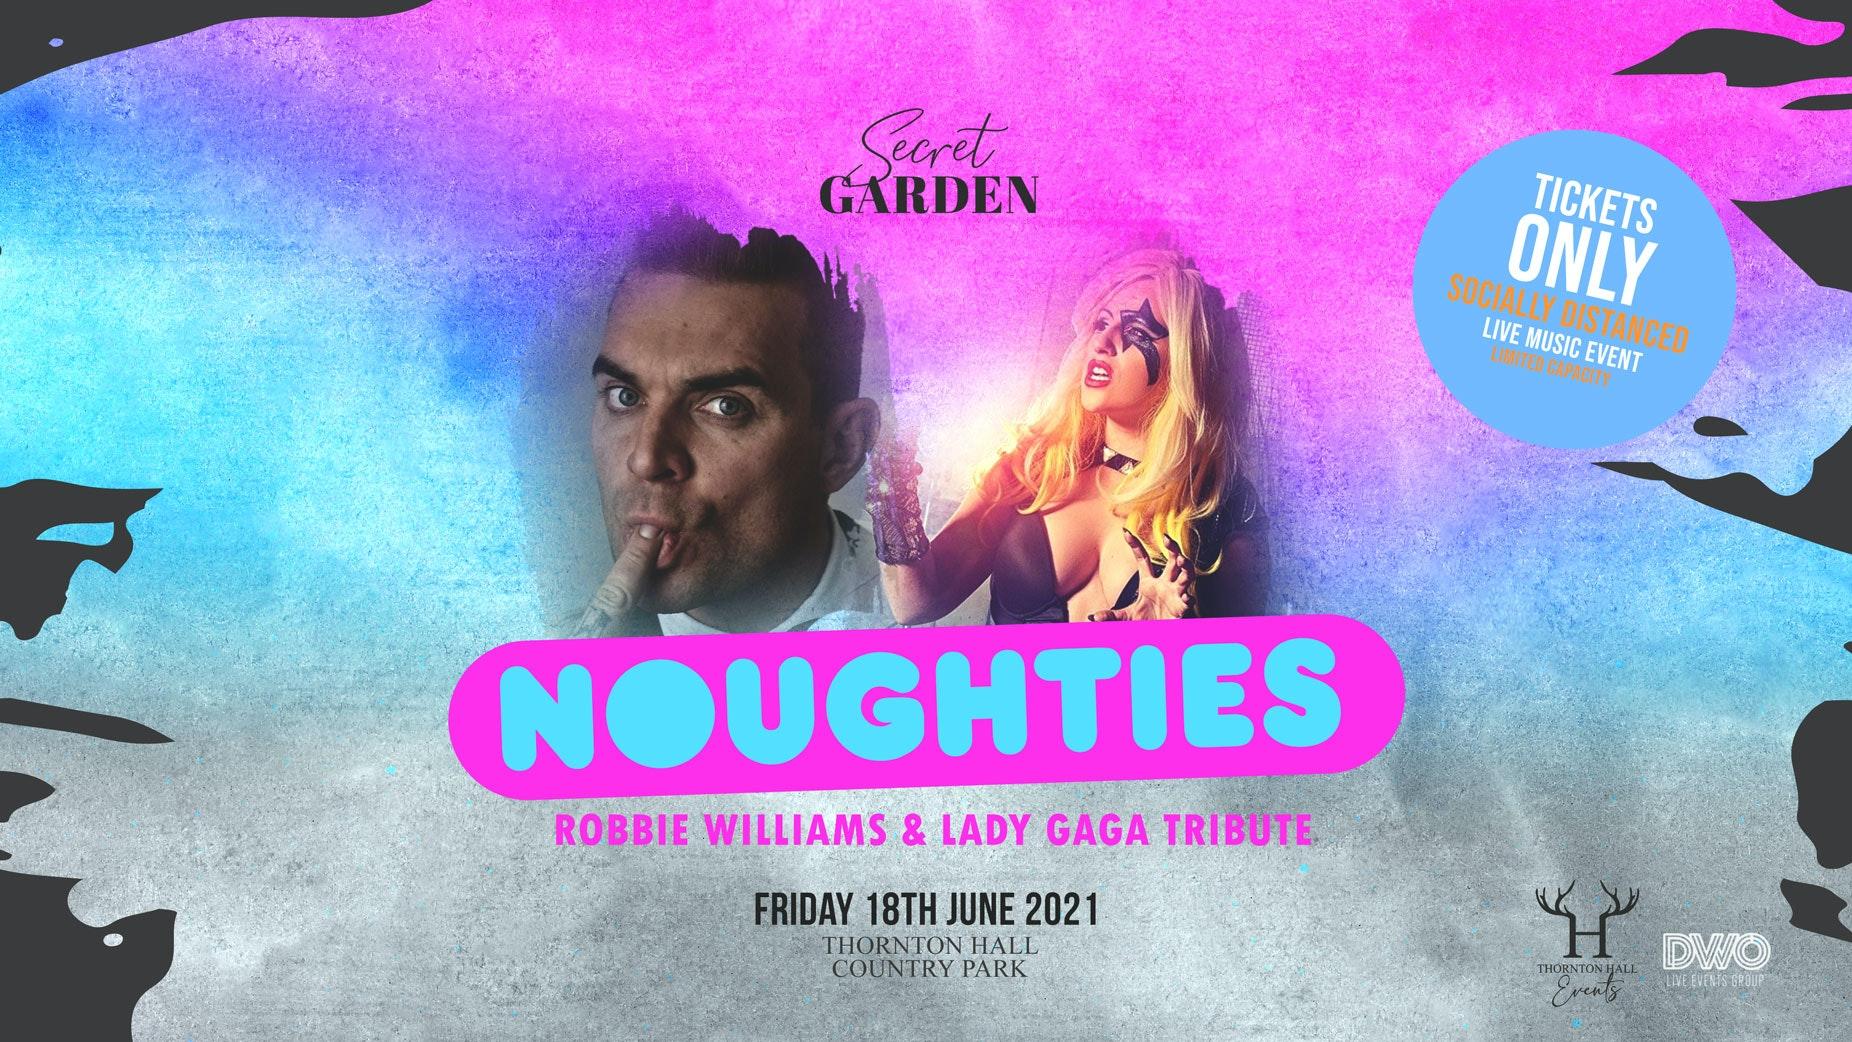 Secret Garden – Noughties ft Robbie & GaGa